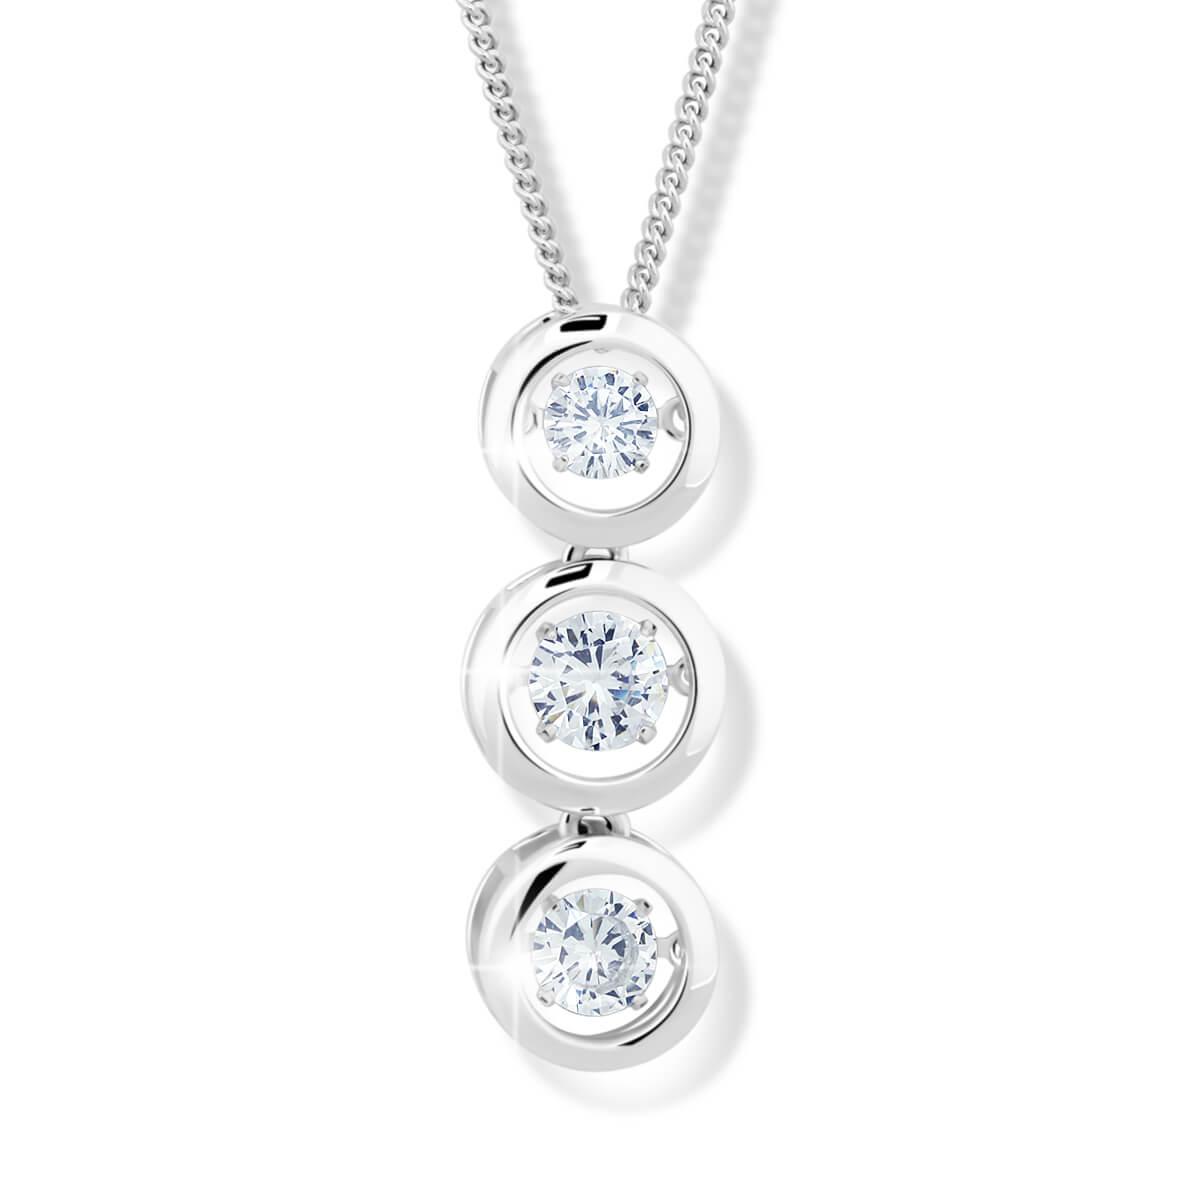 Modesi Dámský stříbrný náhrdelník M43064 (řetízek f25e2087994